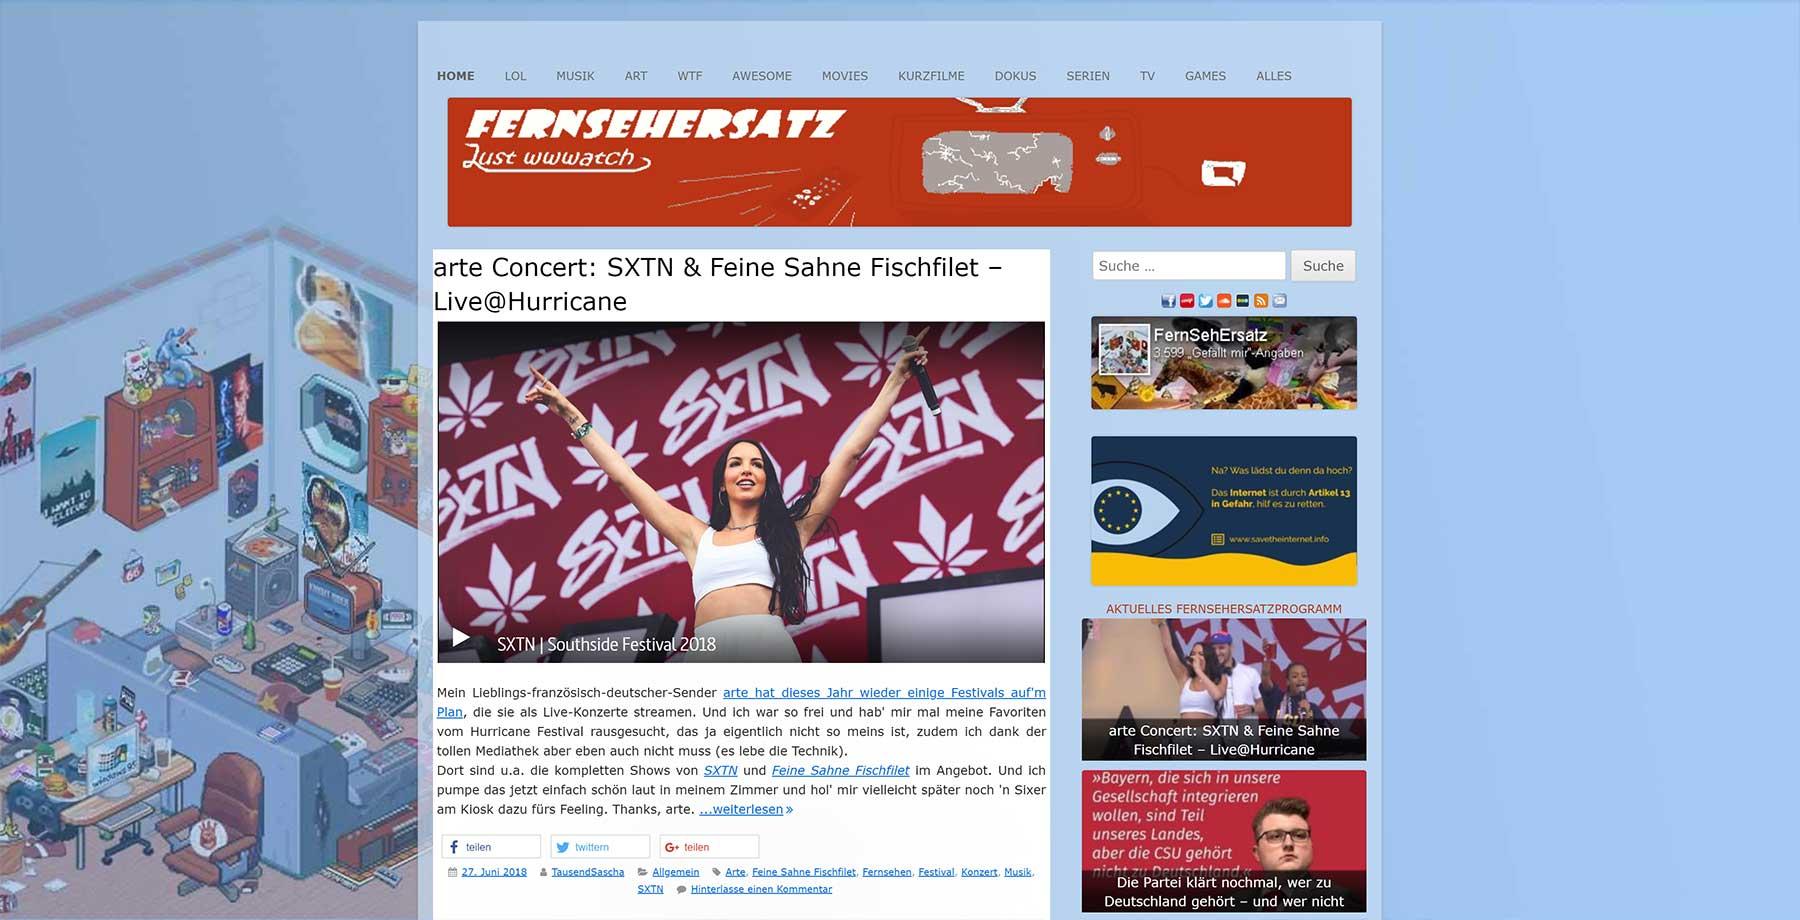 #WirliebenBlogs: Diese Websites solltet ihr euch mal anschauen WirliebenBlogs_05_Fernsehersatz